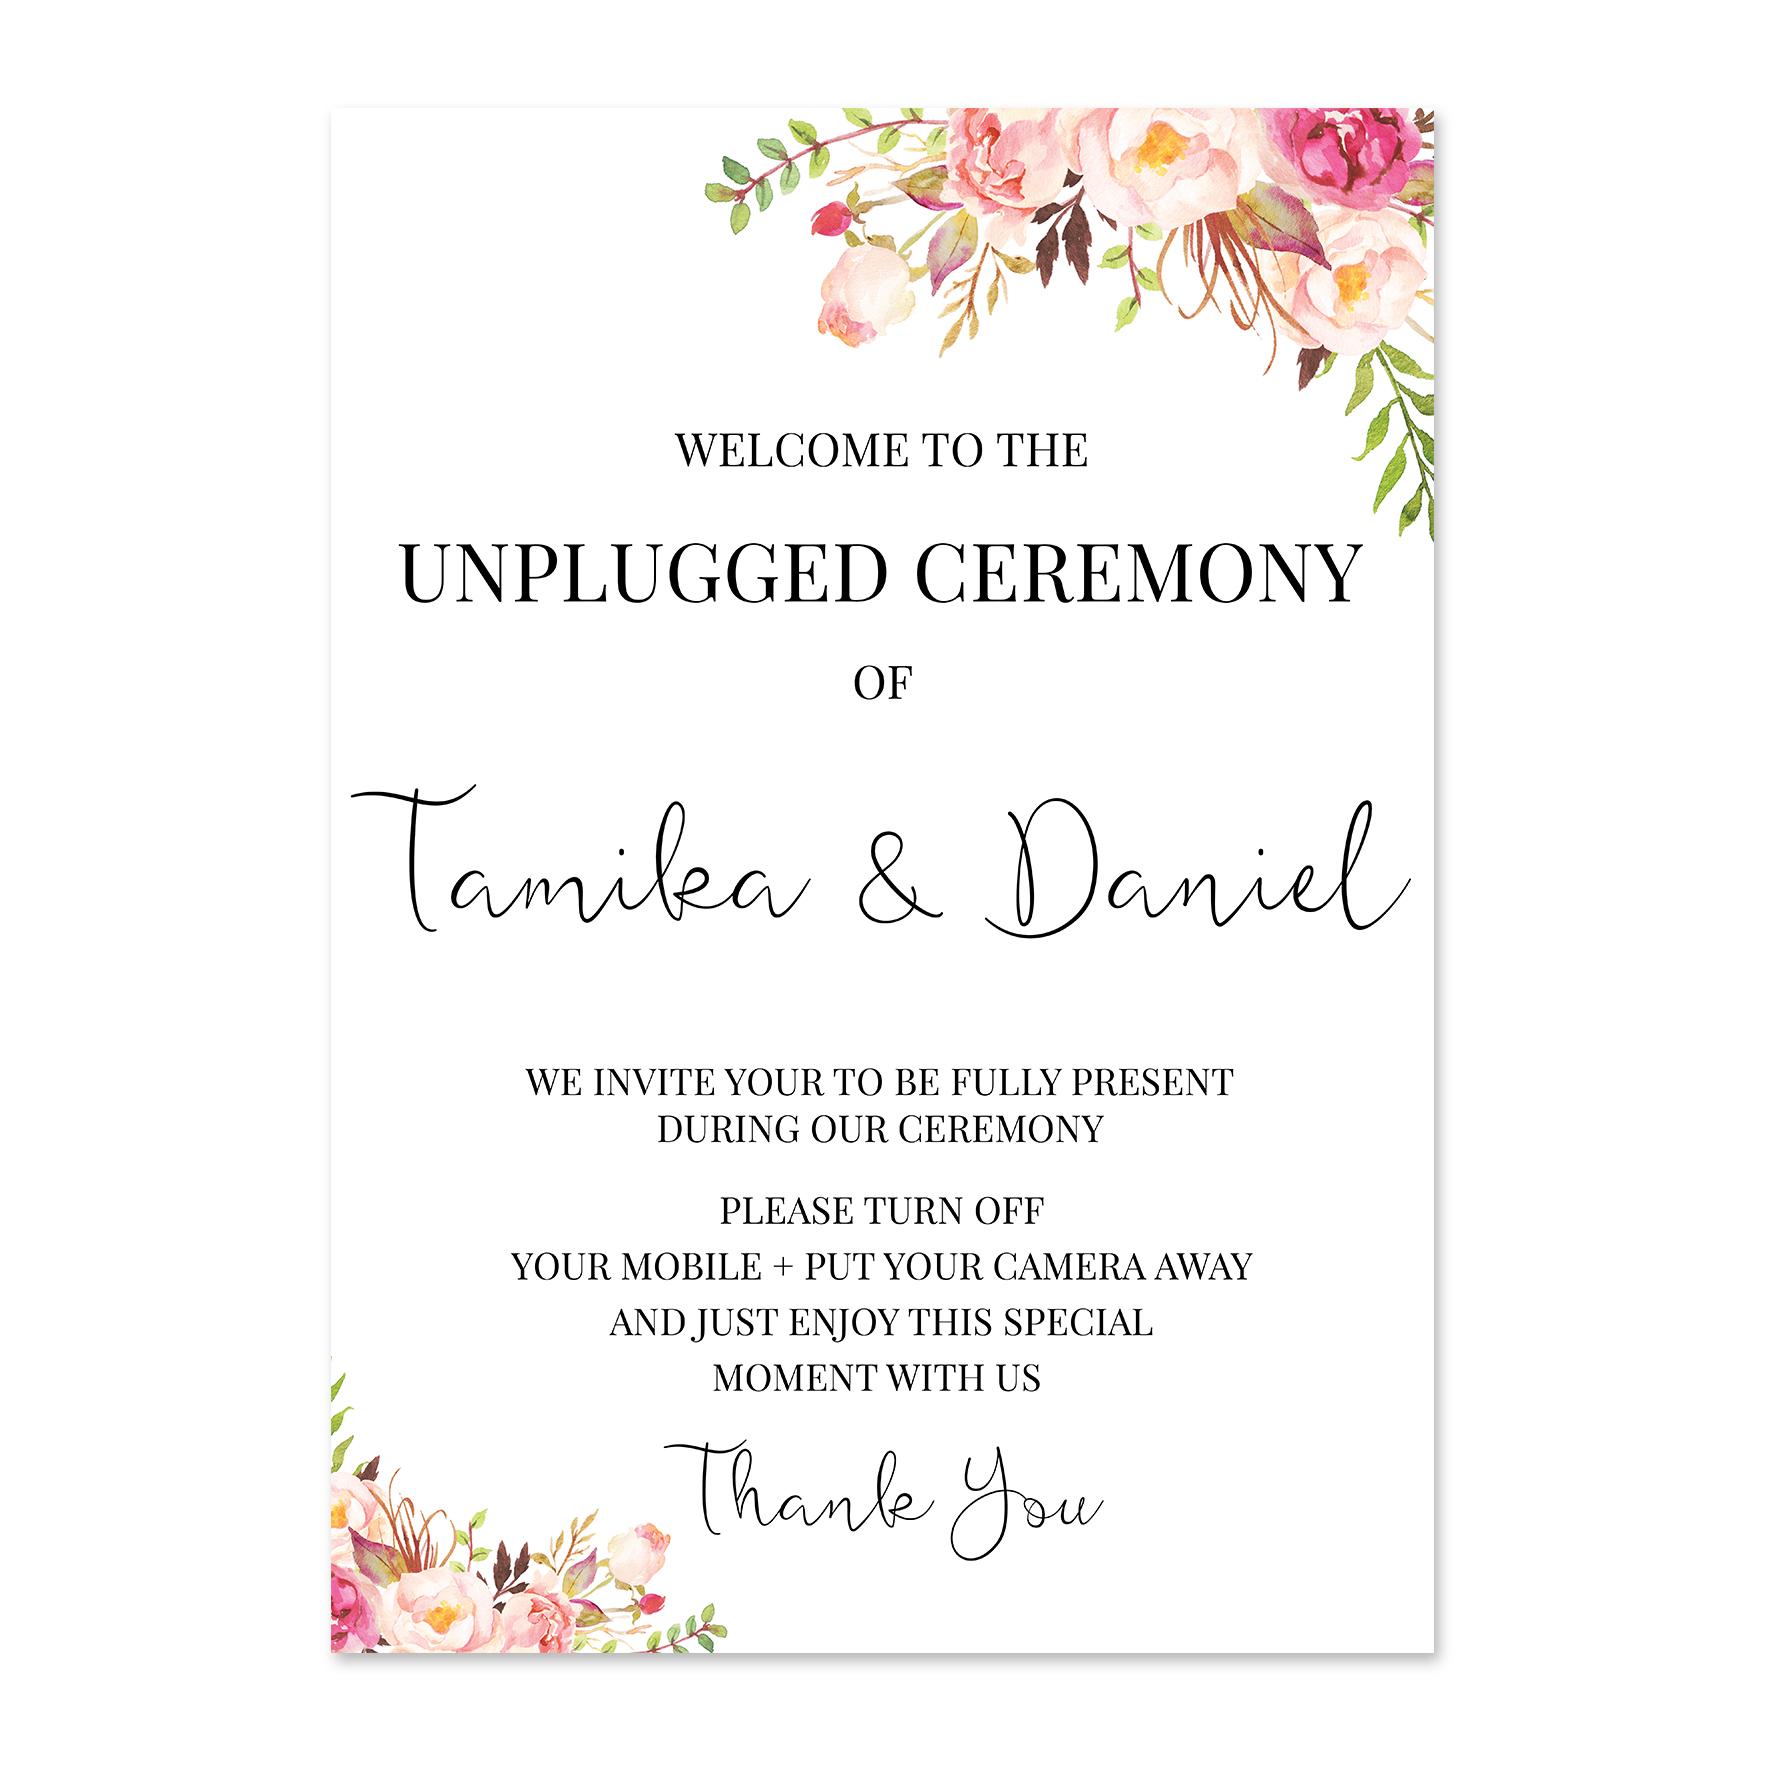 Tamika + Daniel Unplugged